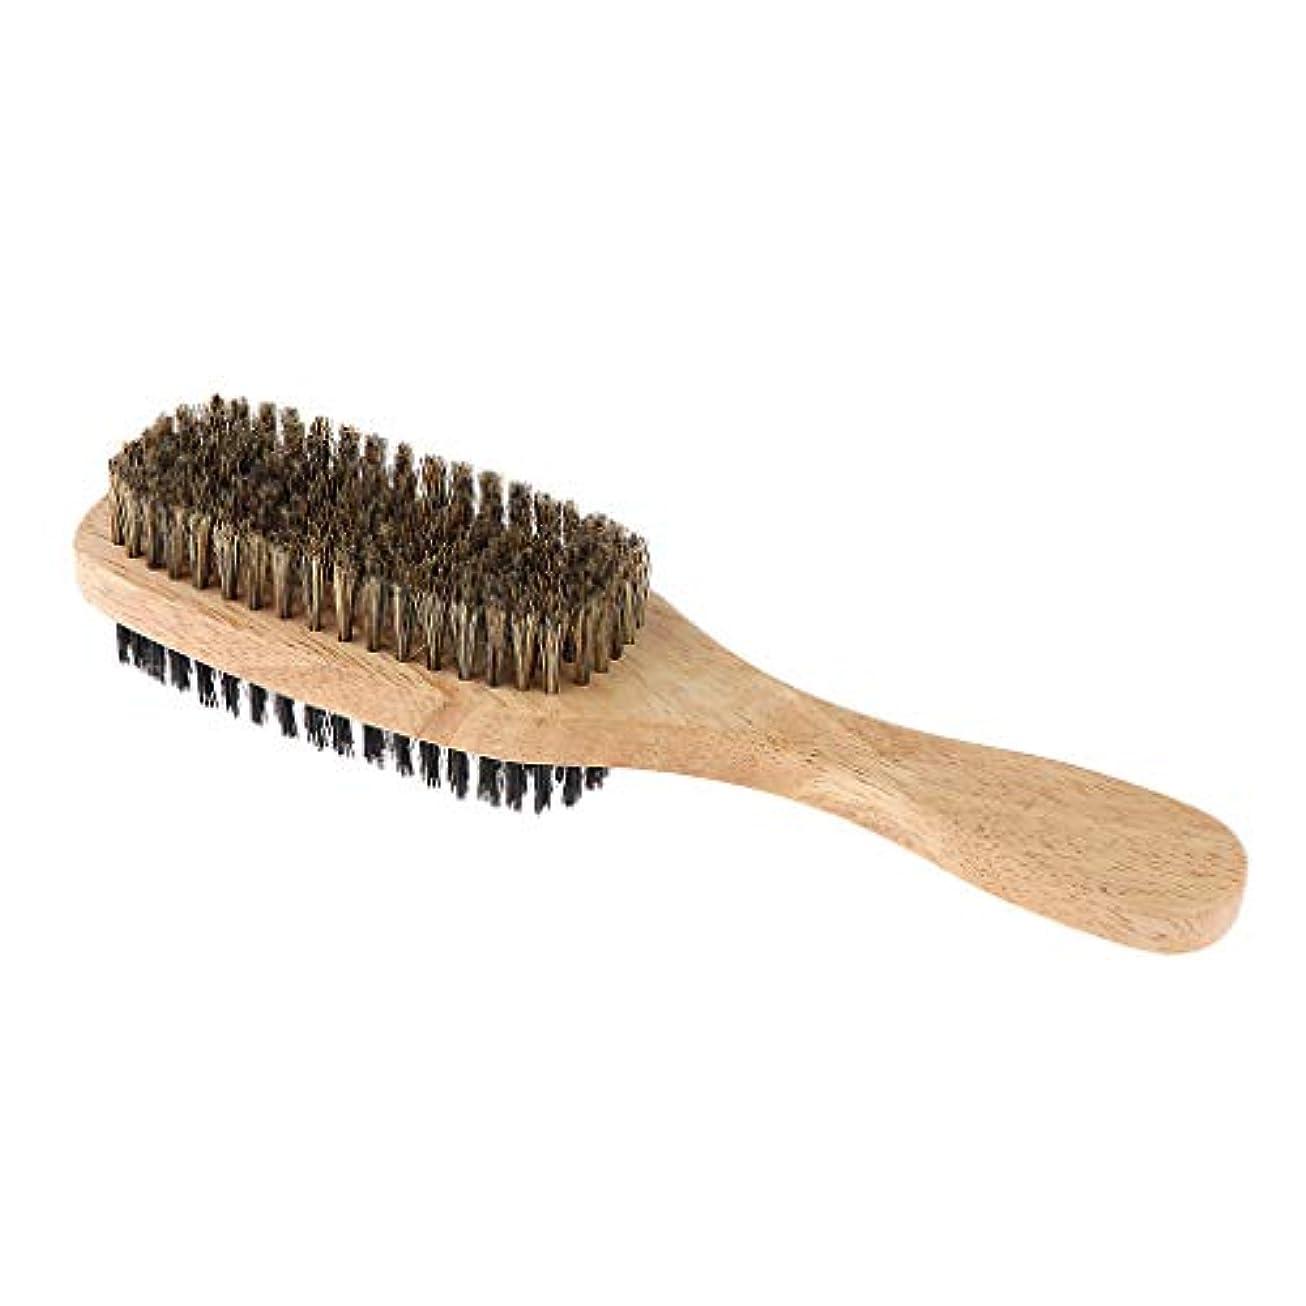 手数料衣服減衰Sharplace ひげブラシ 両面ブラシ メンズ用ブラシ シェービングブラシ 木製ハンドル 髭剃り 泡立ち 3サイズ選べ - A